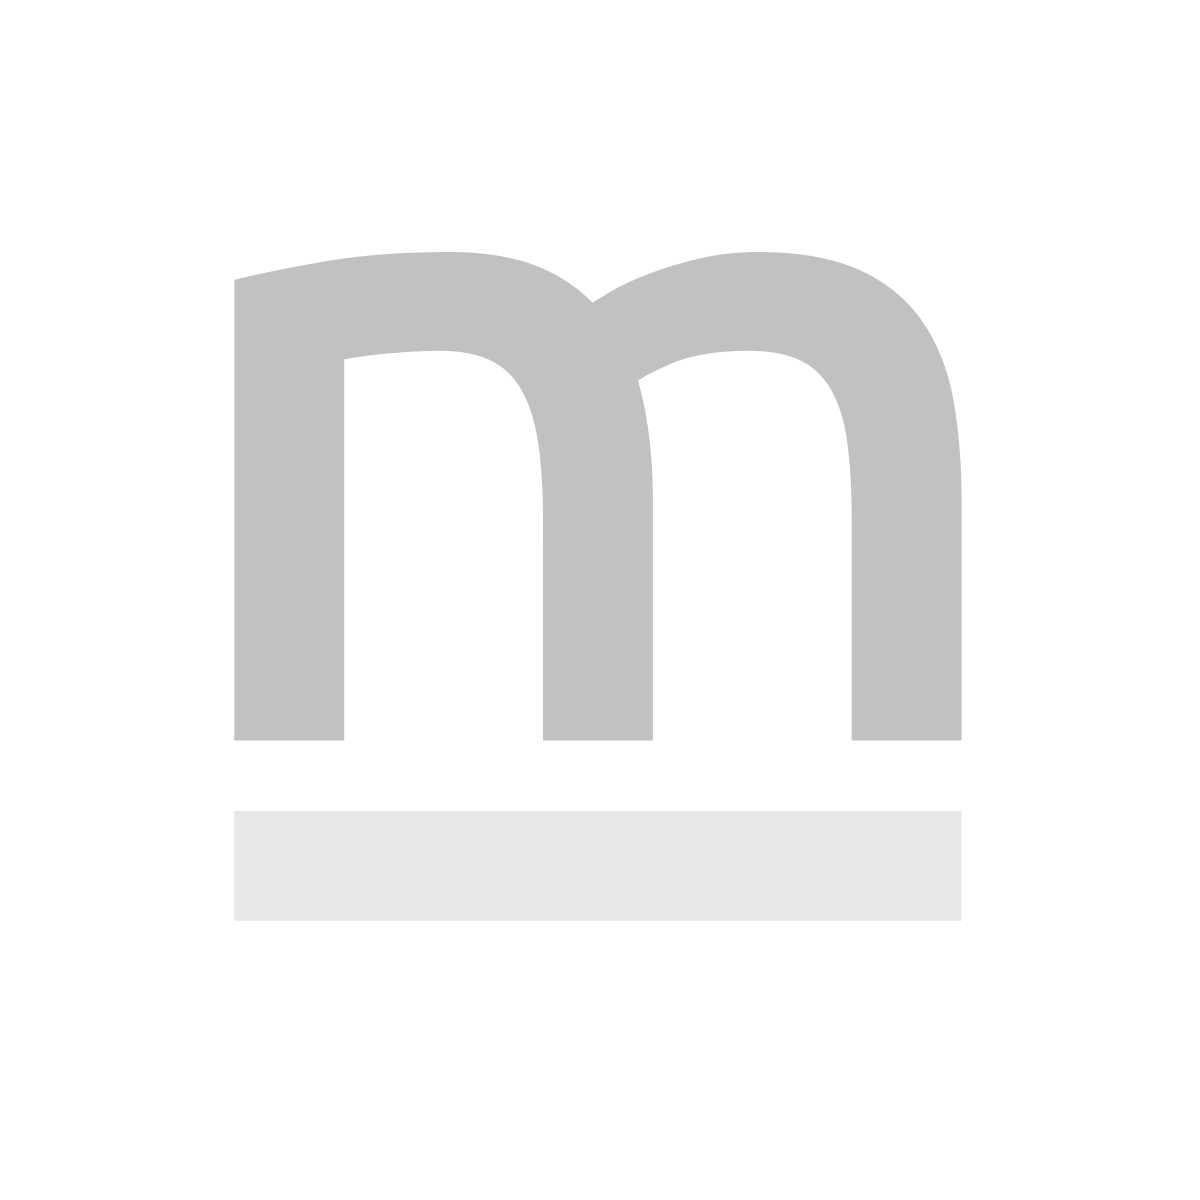 Dywan dziecięcy ROUND ABC Vintage Nude Natural 150x150 różowy